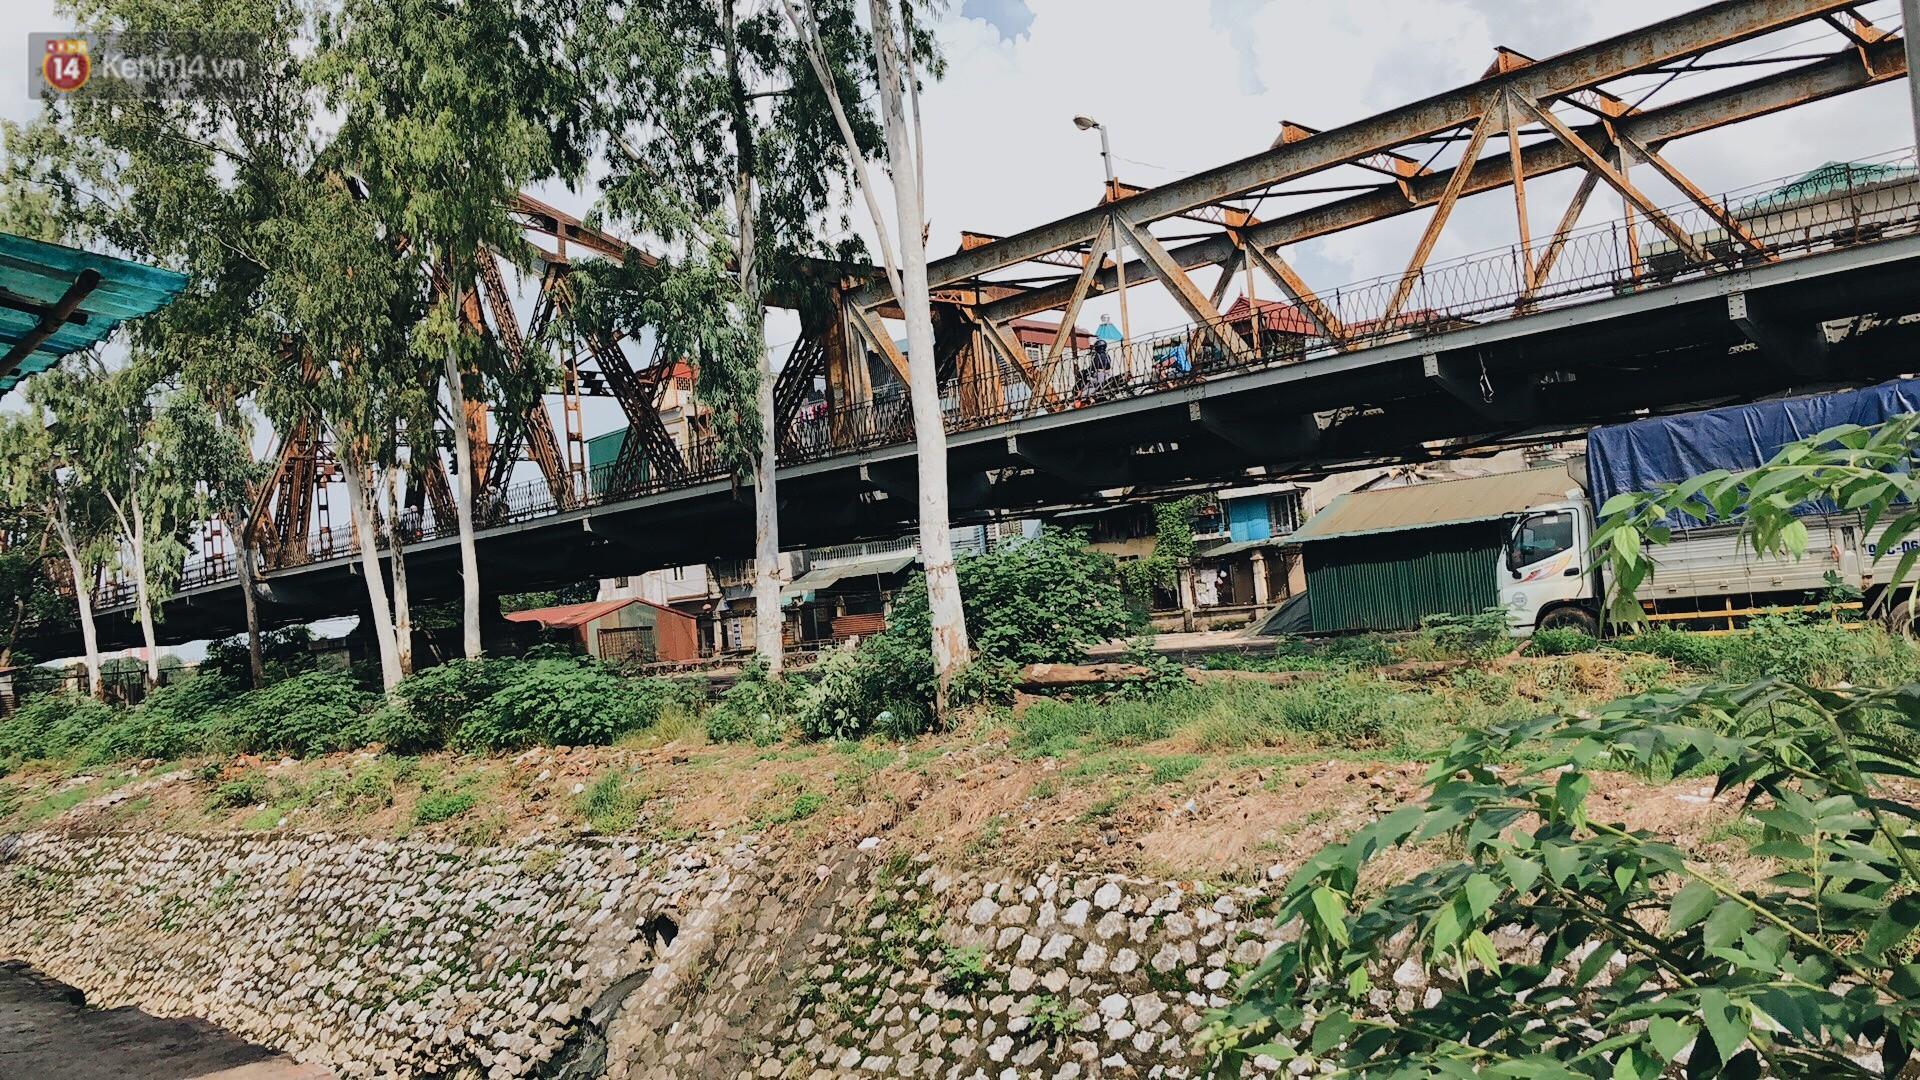 Cuộc sống của dân ngụ cư dưới chân cầu Long Biên: Hễ mở cửa là